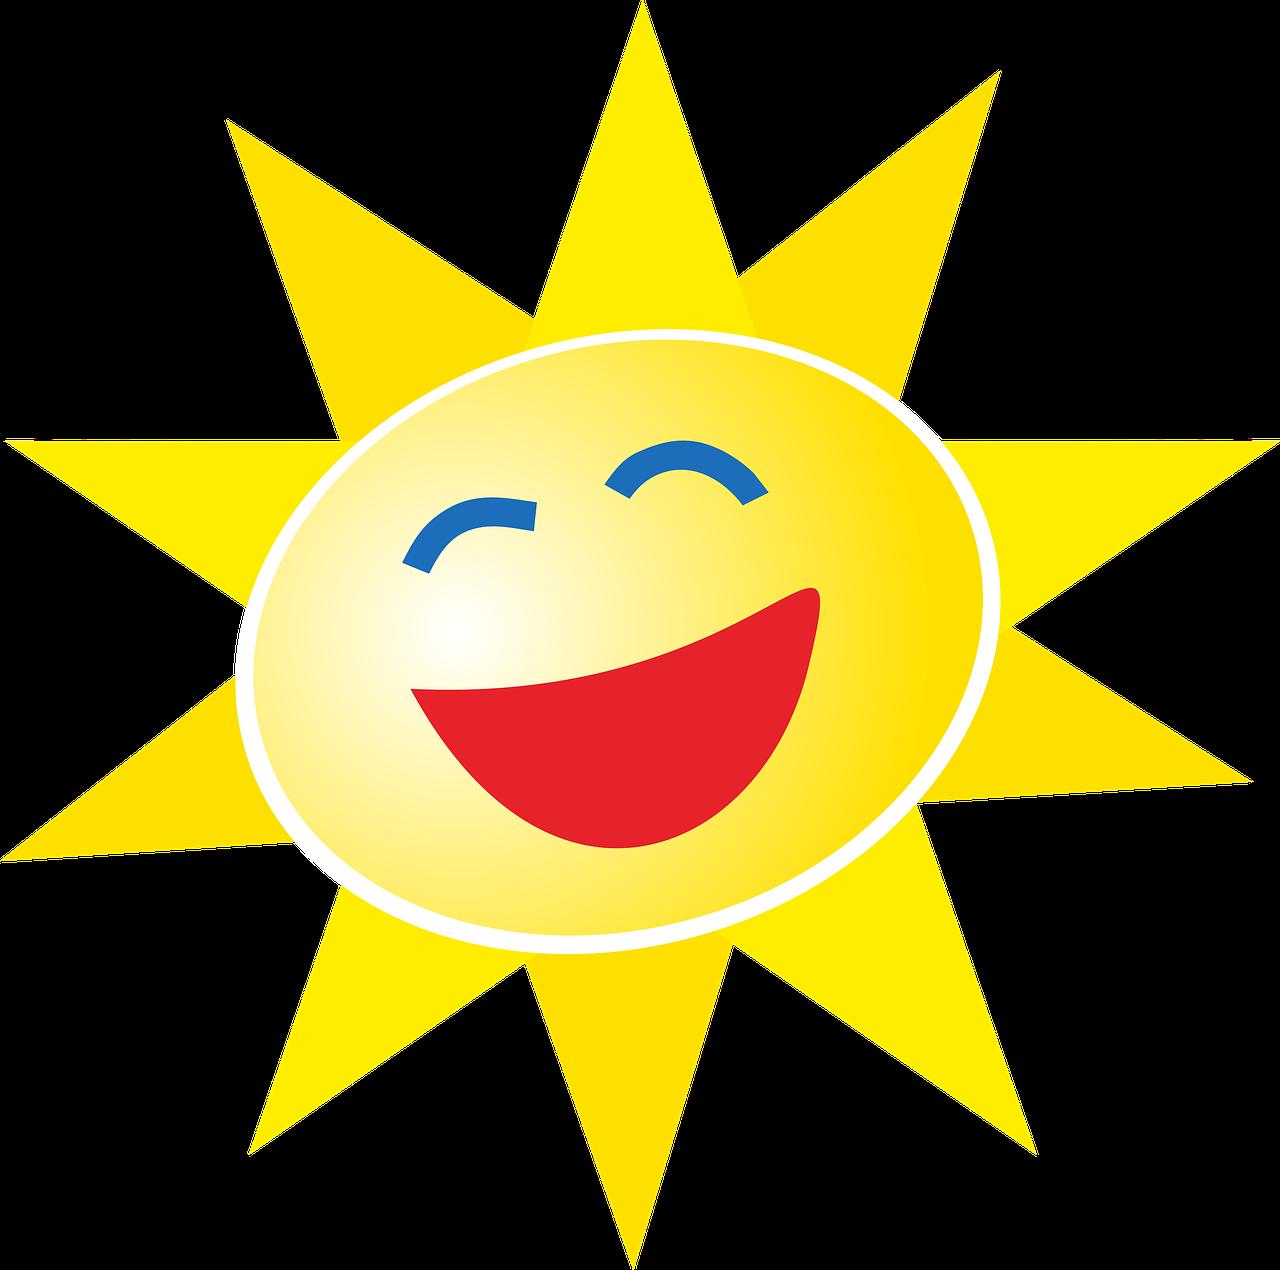 картинка солнечного лучика хочу рассказать одном